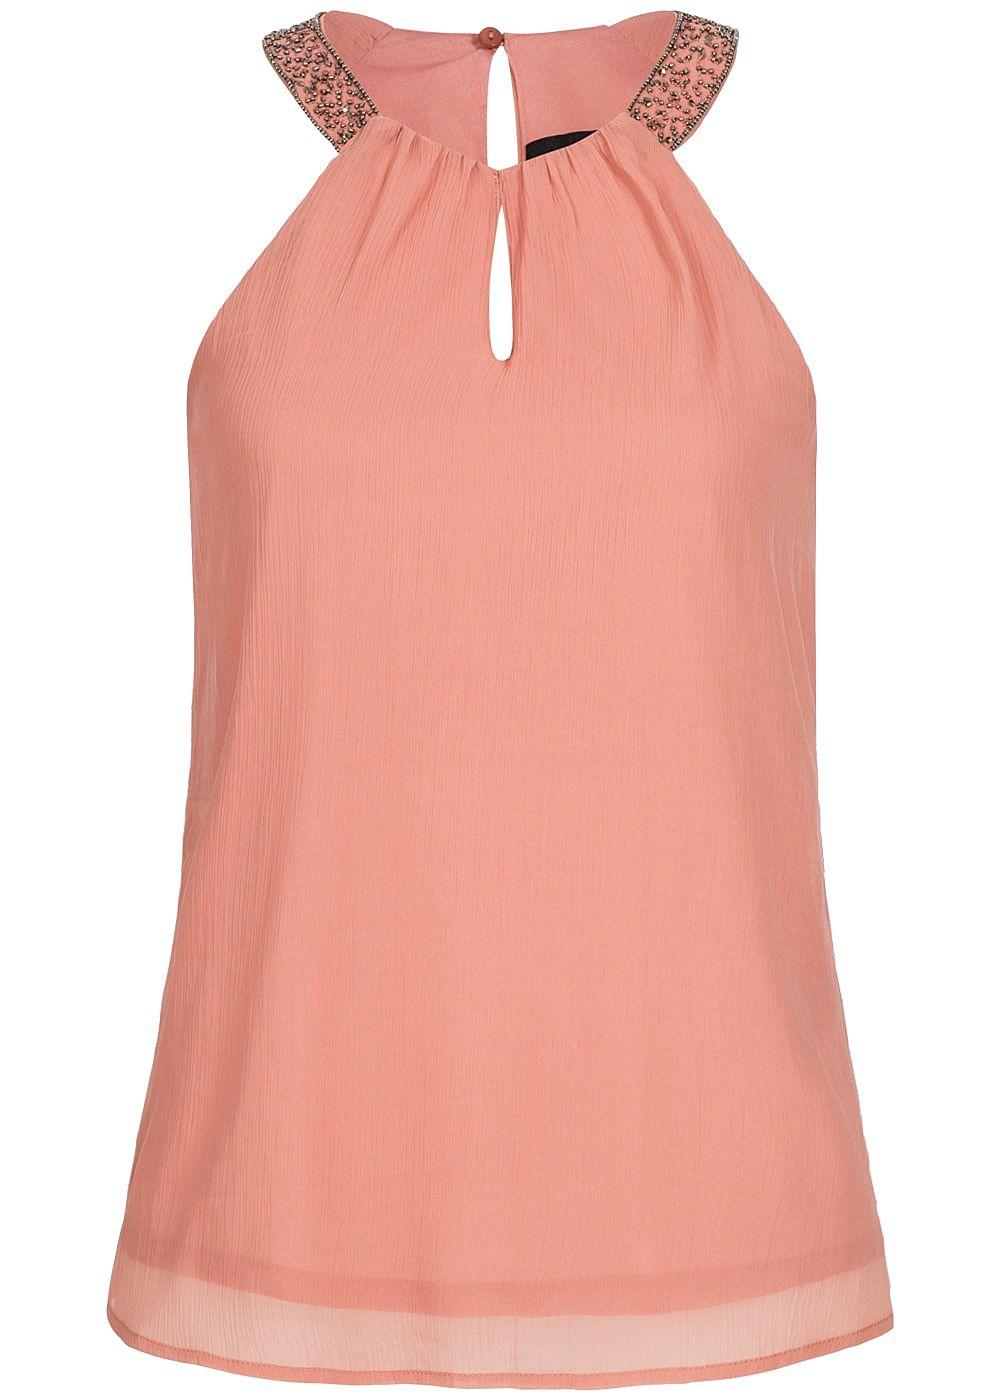 Vero Moda Fashion im Shop online bestellen - 77onlineshop